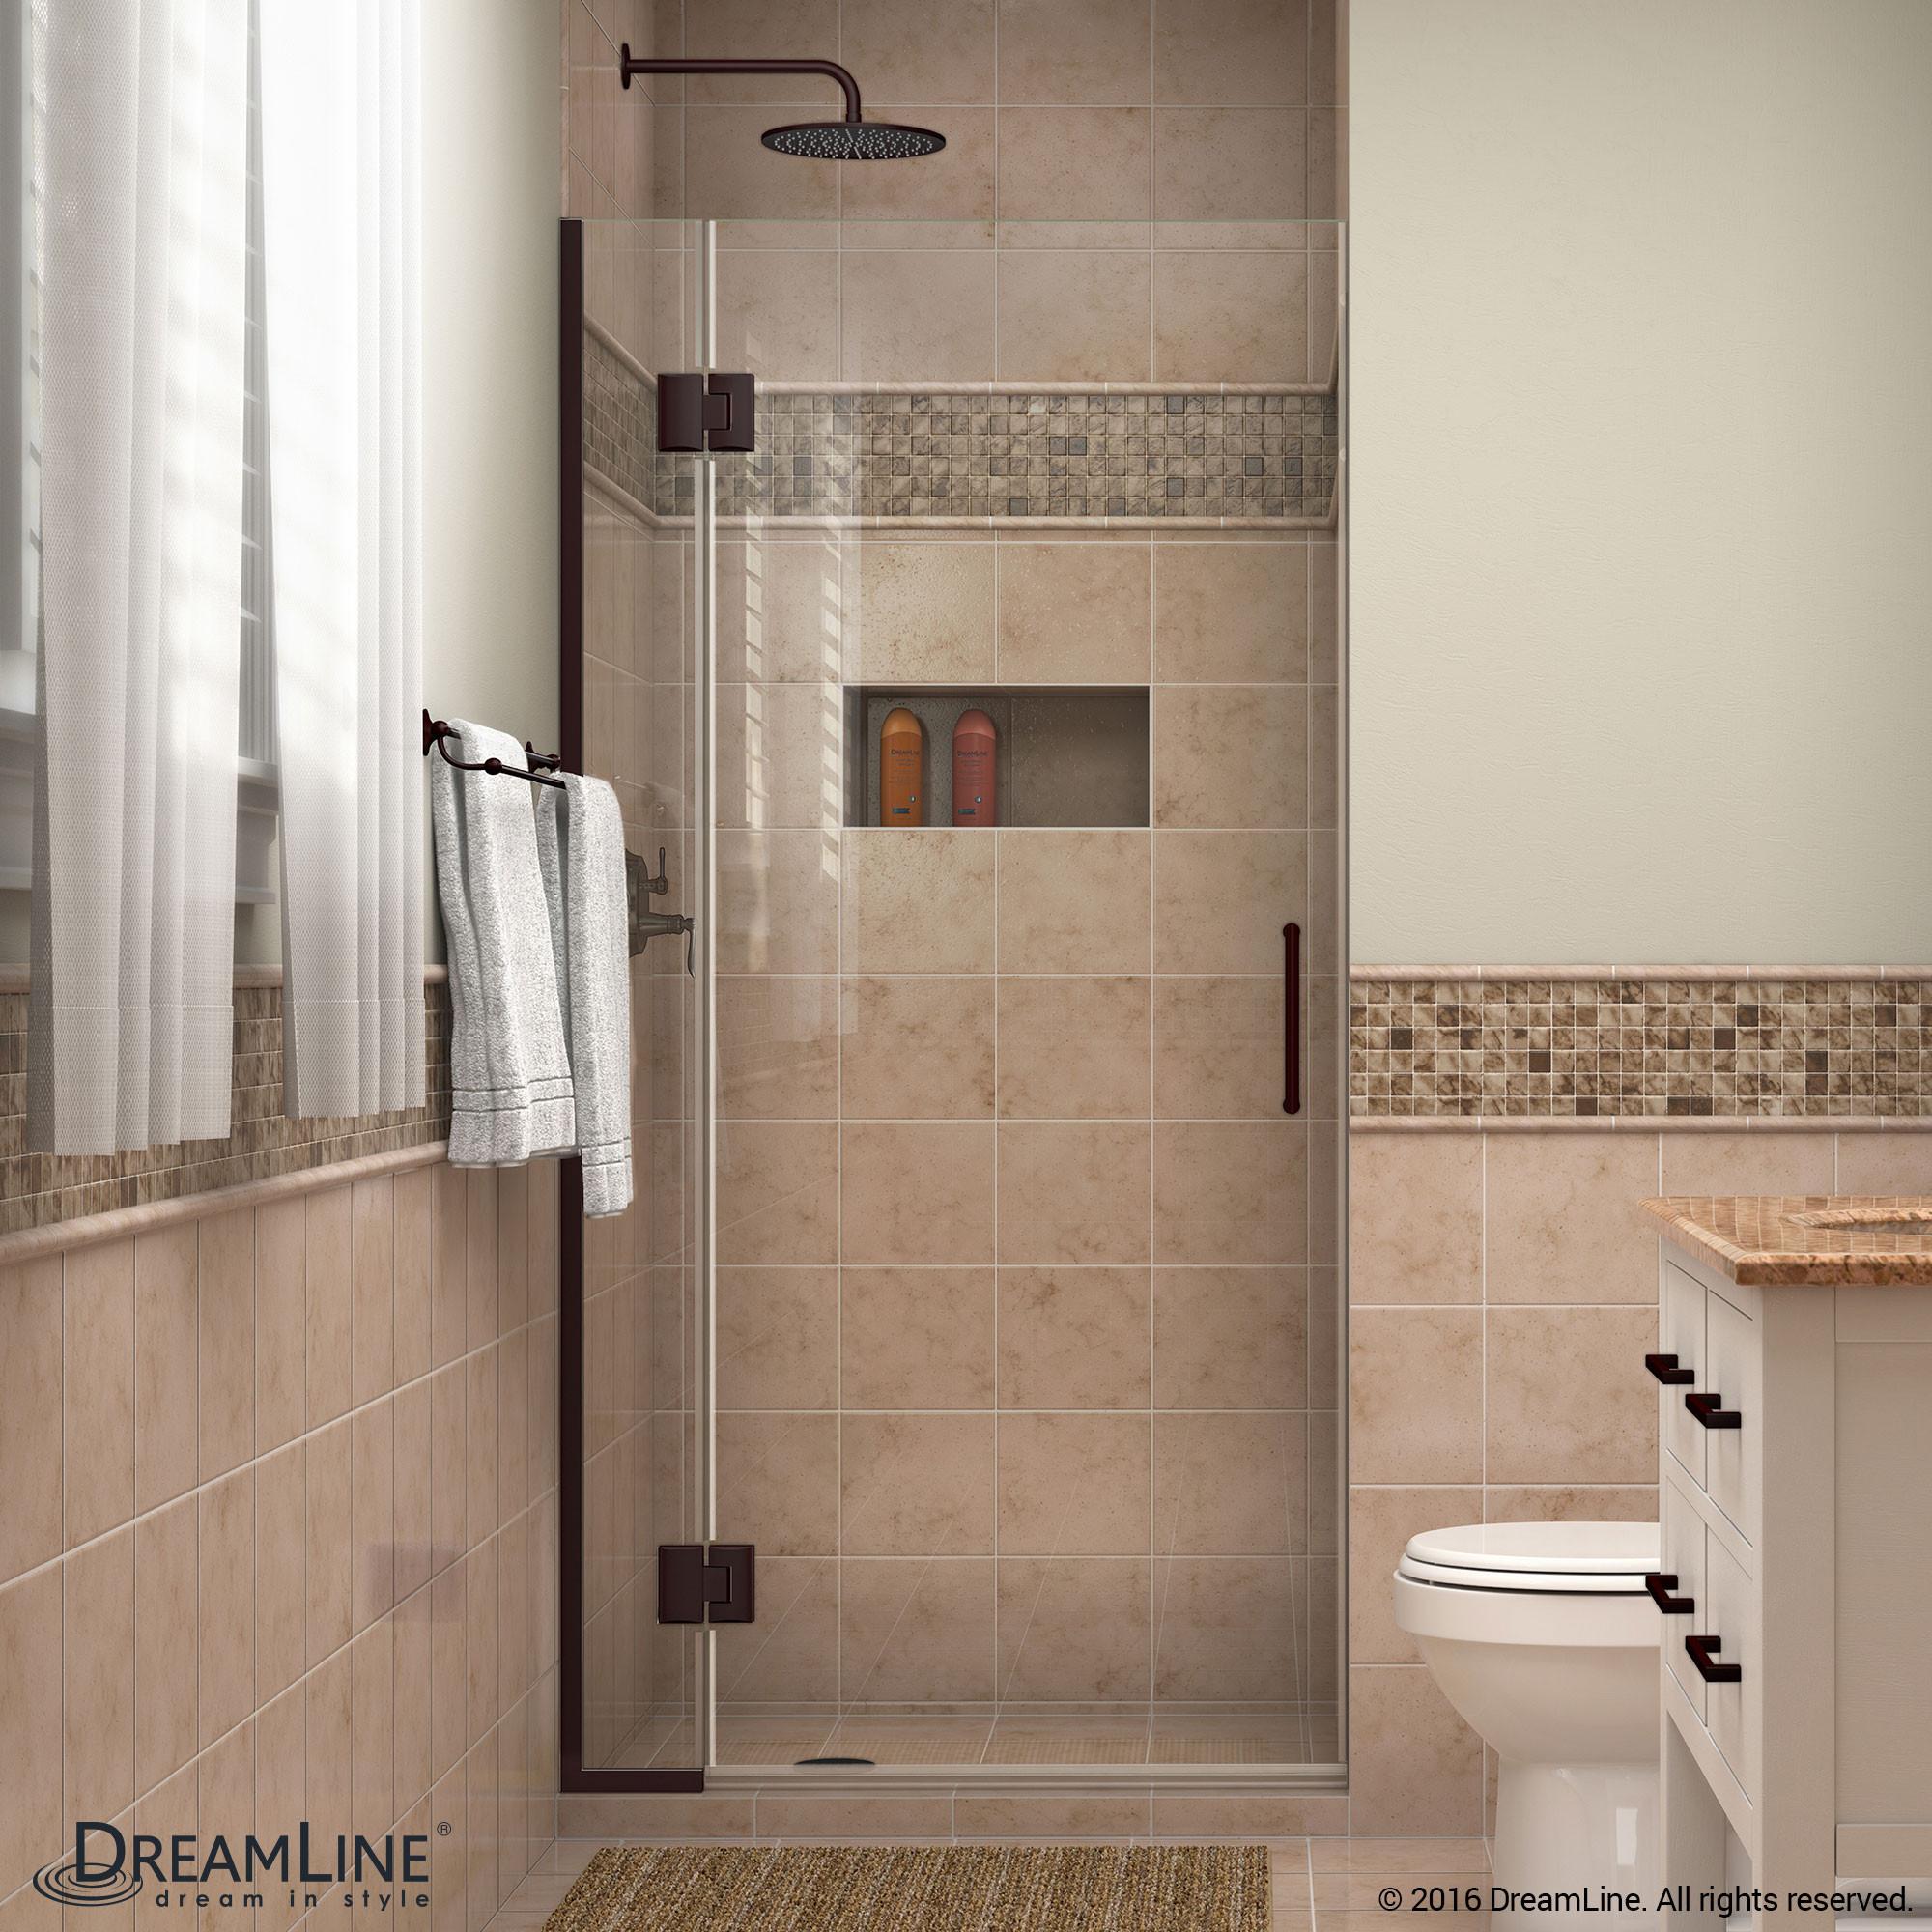 DreamLine D12572-06 Unidoor-X 31 in. W x 72 in. H Hinged Shower Door in Oil Rubbed Bronze